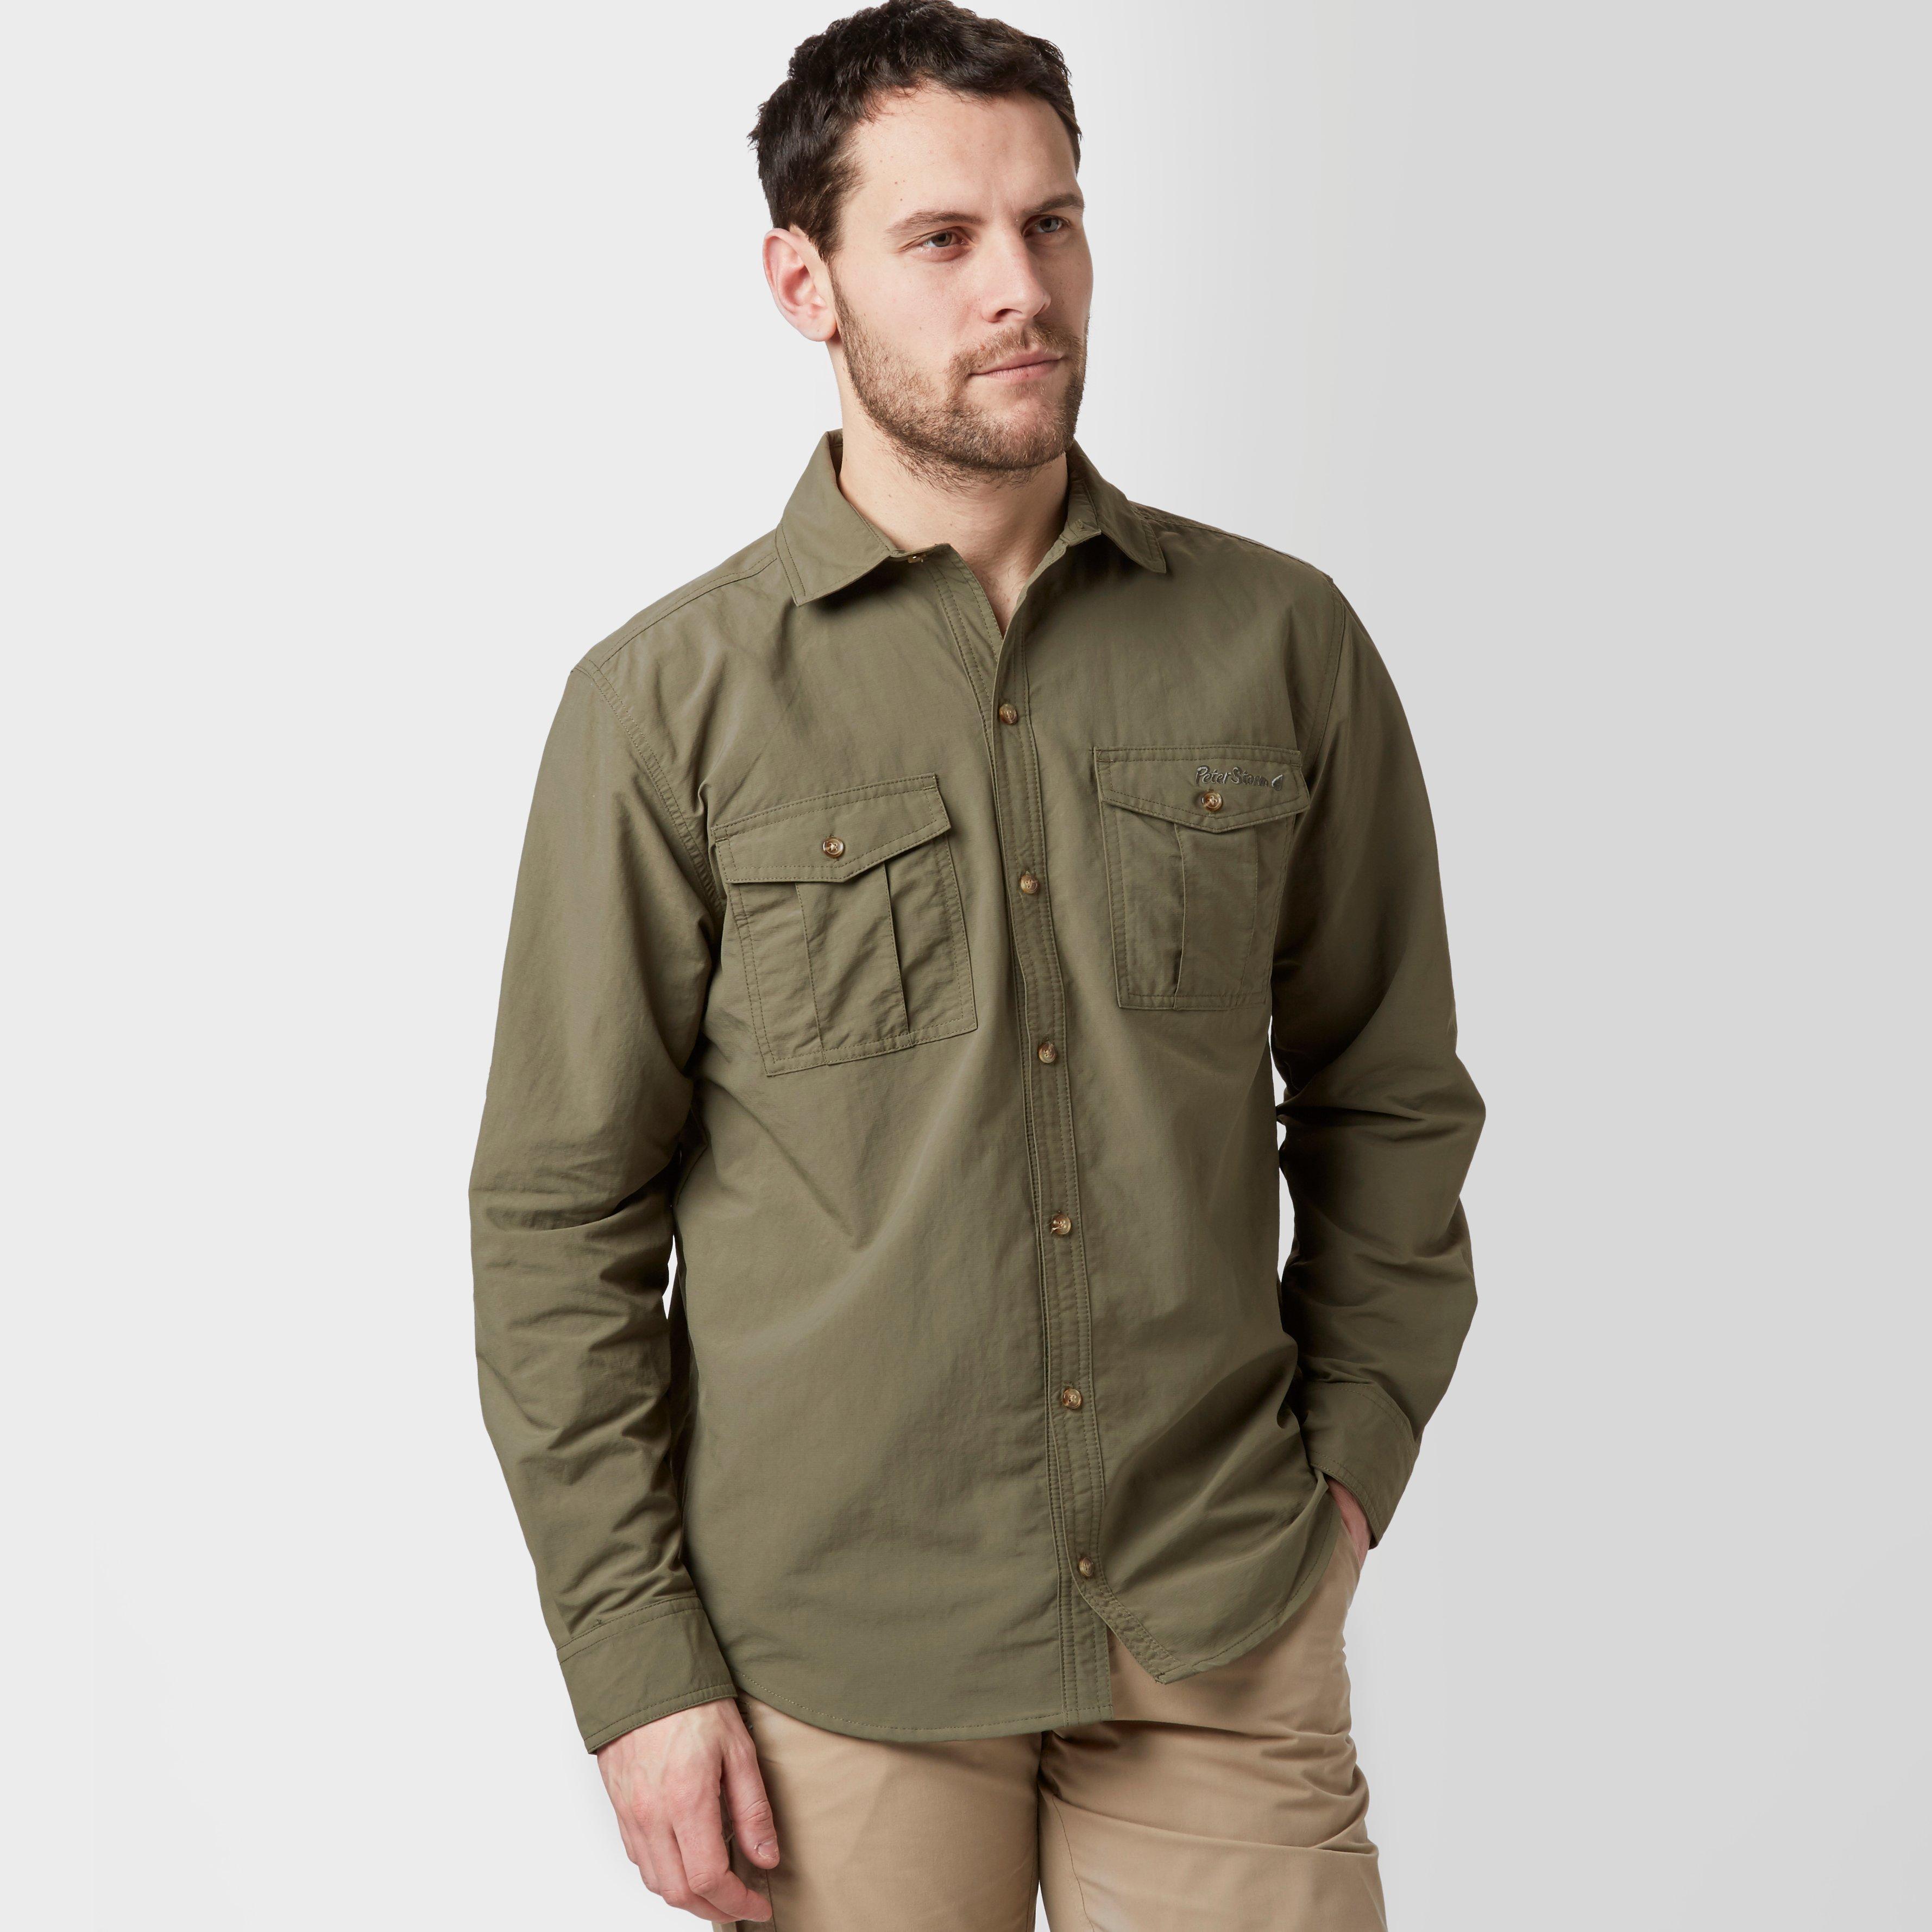 Peter Storm Mens Long Sleeve Travel Shirt - Khaki/dol  Khaki/dol